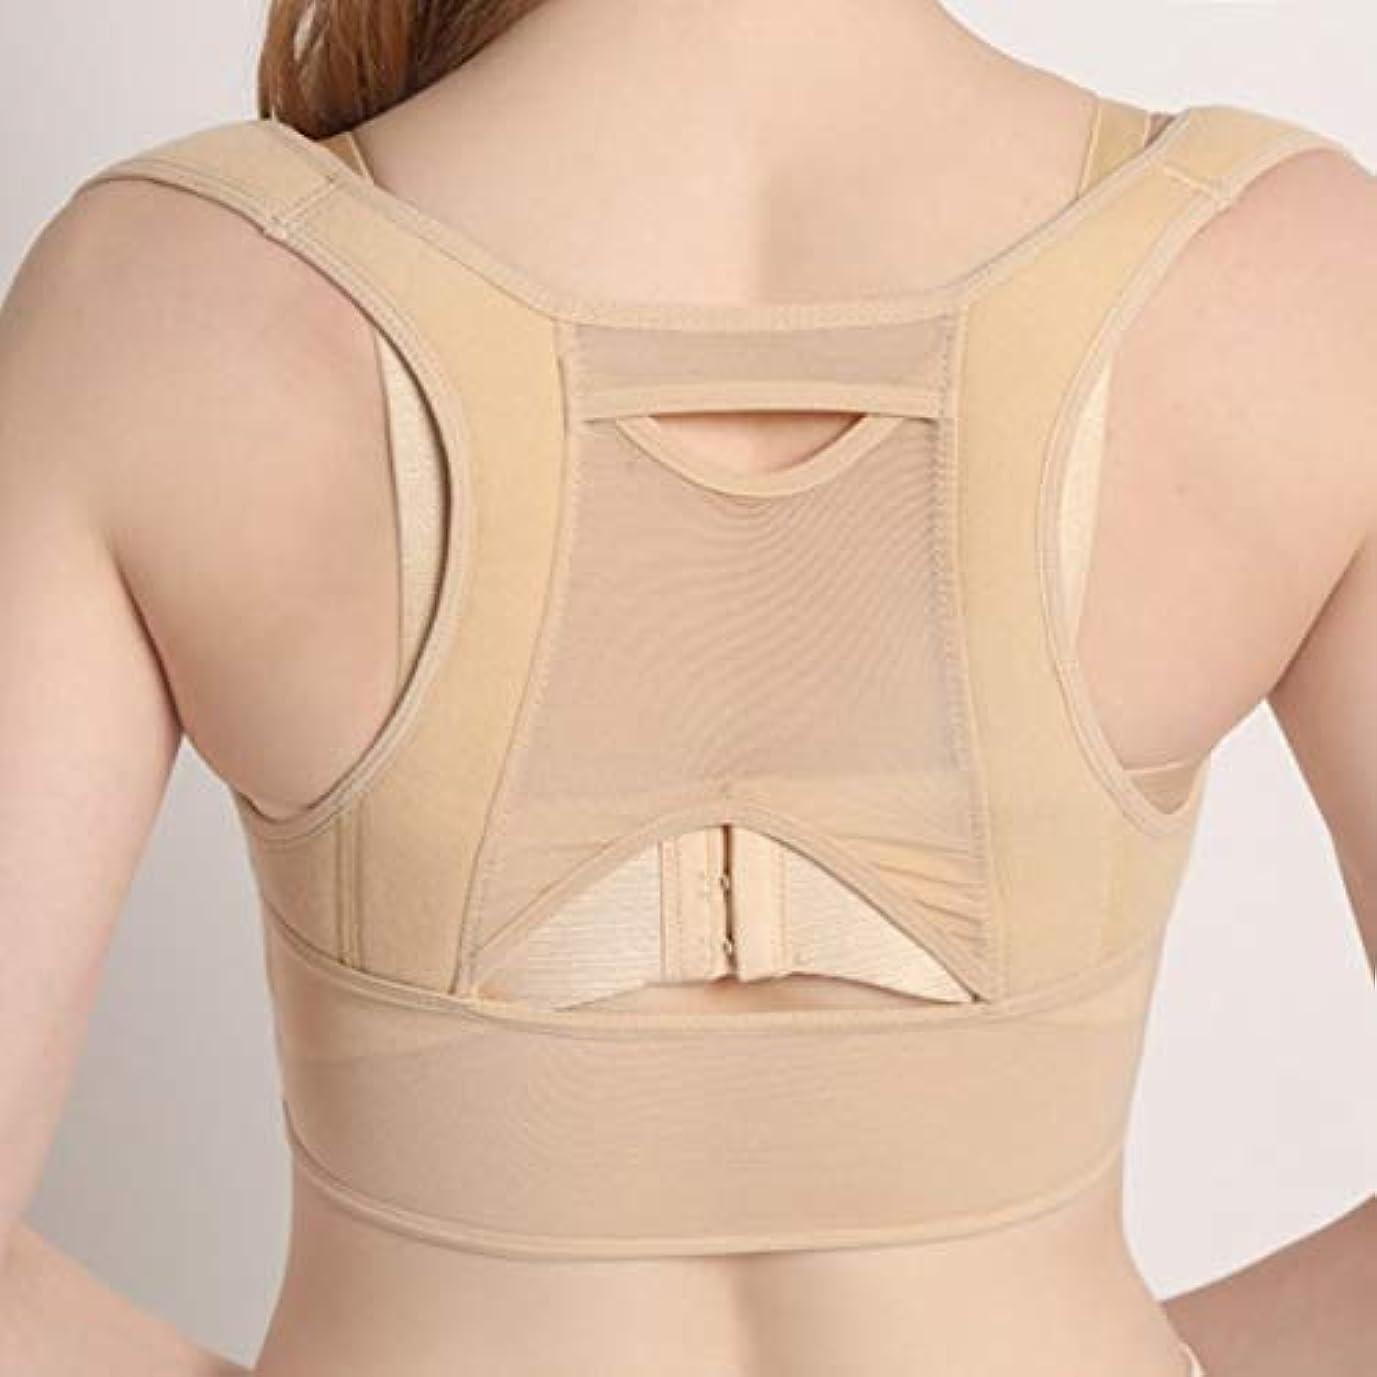 遠え杖ブリーク通気性のある女性の背中の姿勢矯正コルセット整形外科の背中の肩の背骨の姿勢矯正腰椎サポート - ベージュホワイトL